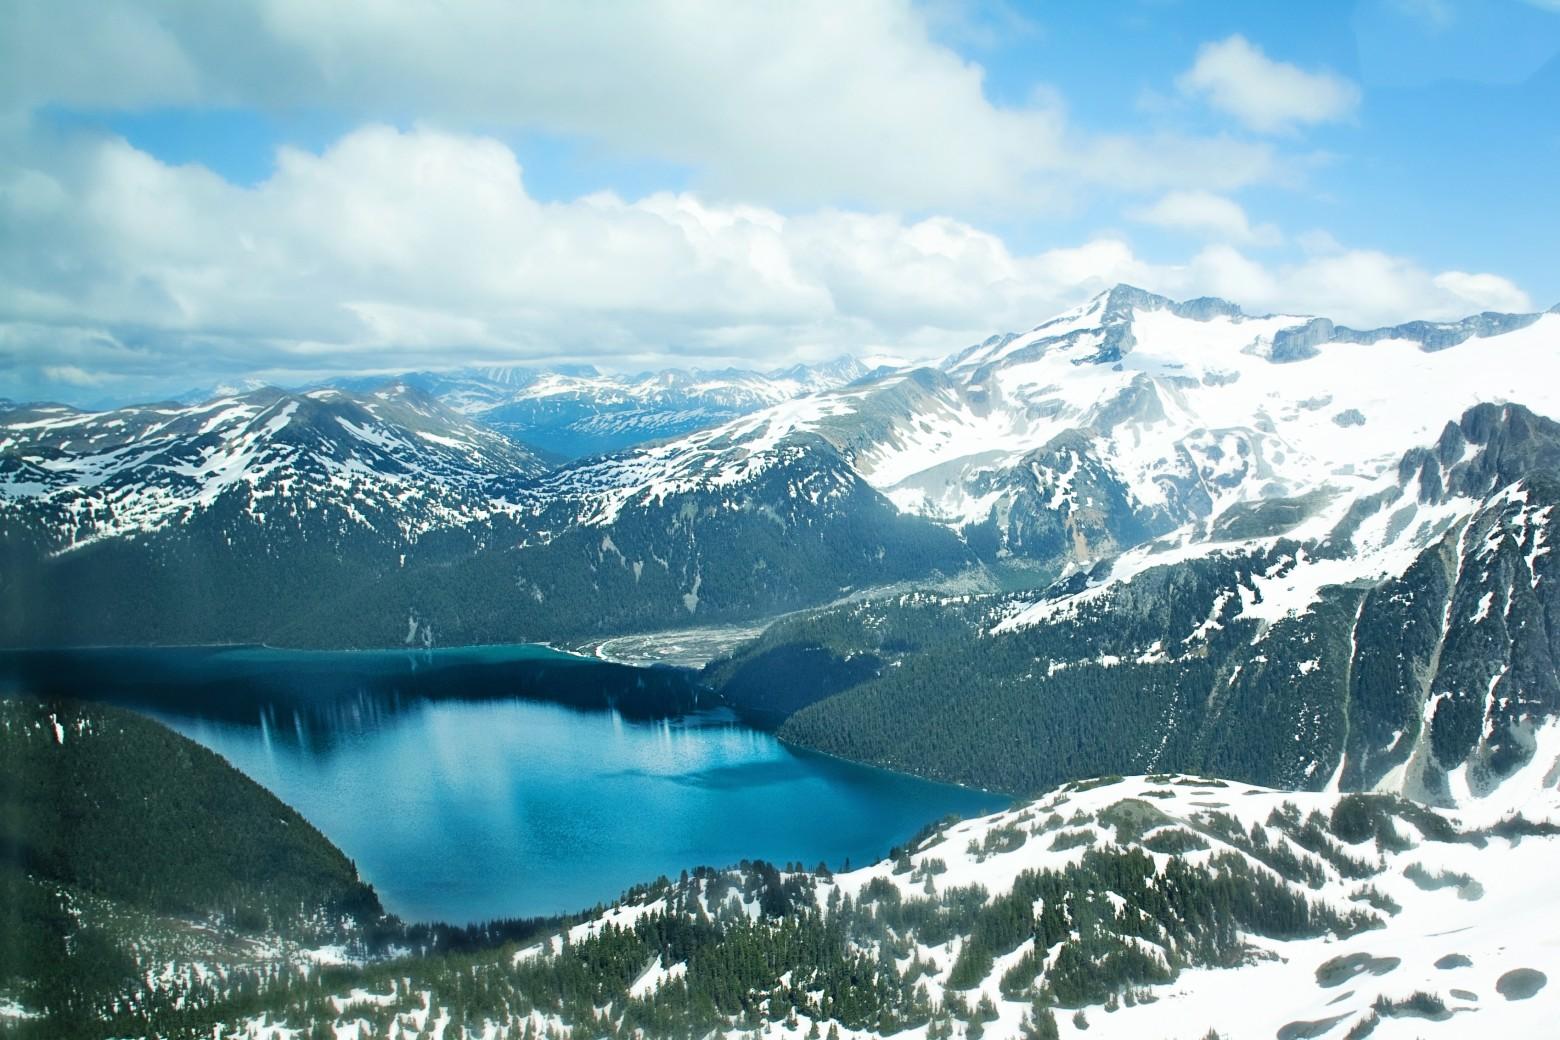 Paysage montagne montagneux hiver neige images - Photos de neige gratuites ...